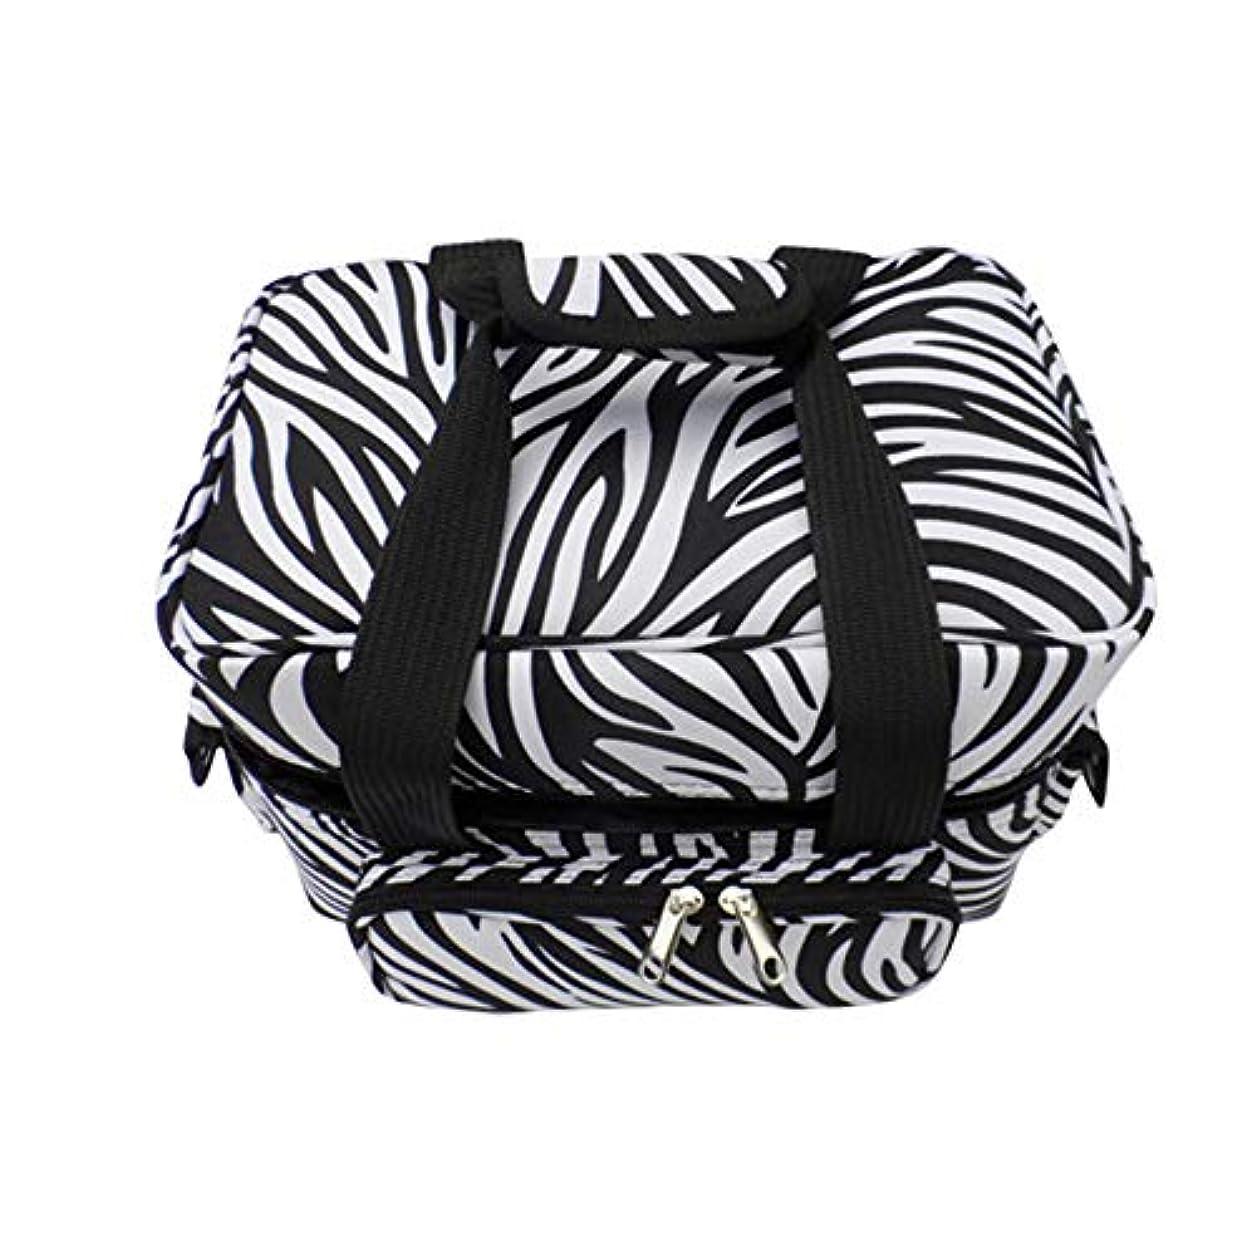 勝つ社会科敬化粧オーガナイザーバッグ ゼブラストライプポータブル化粧品バッグ美容メイクアップと女の子女性旅行とジッパーとトレイで毎日のストレージ 化粧品ケース